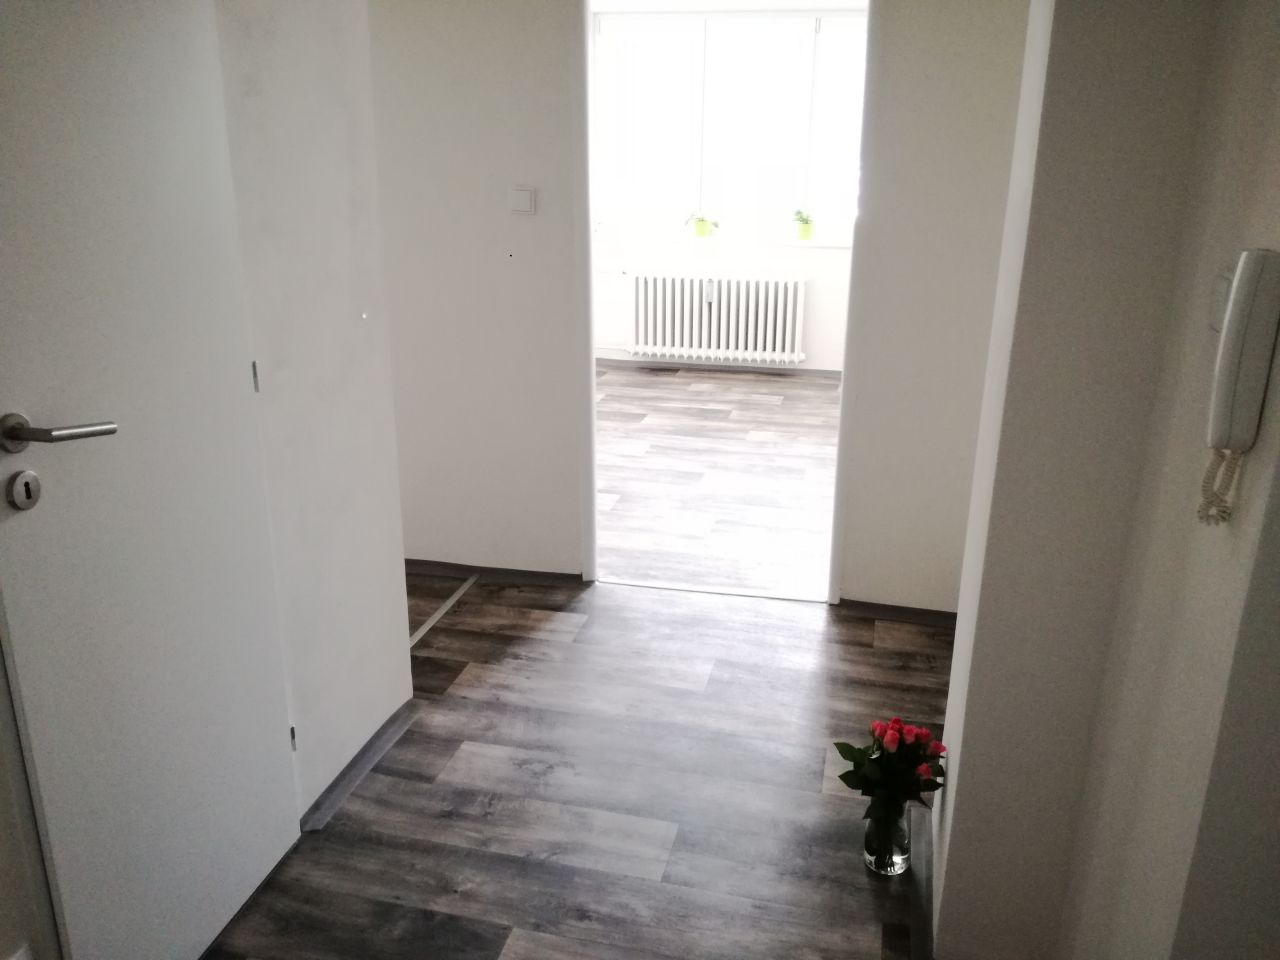 Pronájem bytu 2+kk 48 m2, ul. Zelená 2671/45, Moravská Ostrava